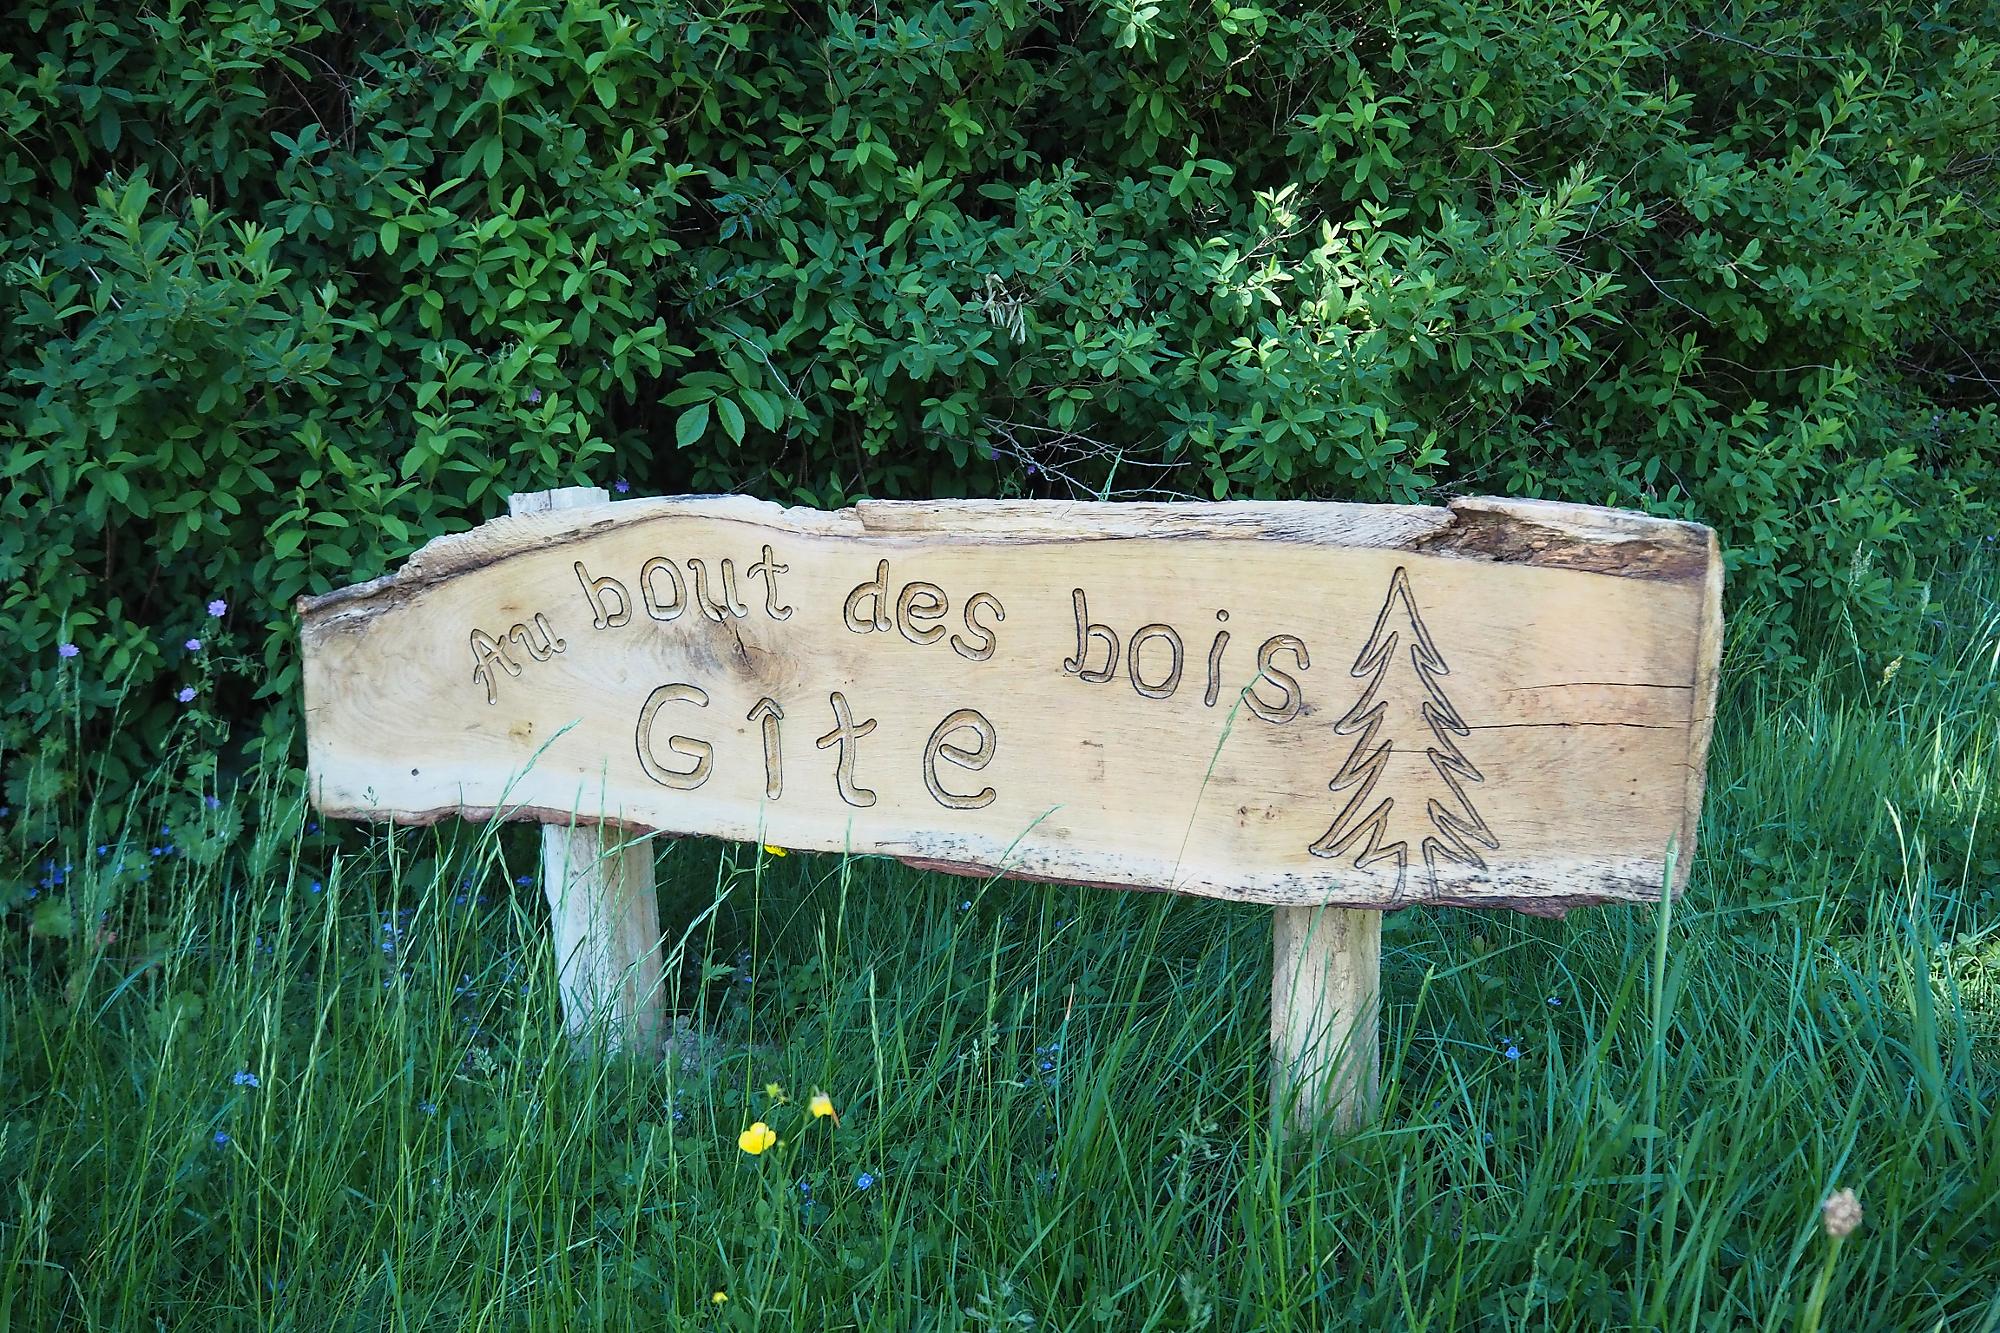 Le bout des bois vous accueille